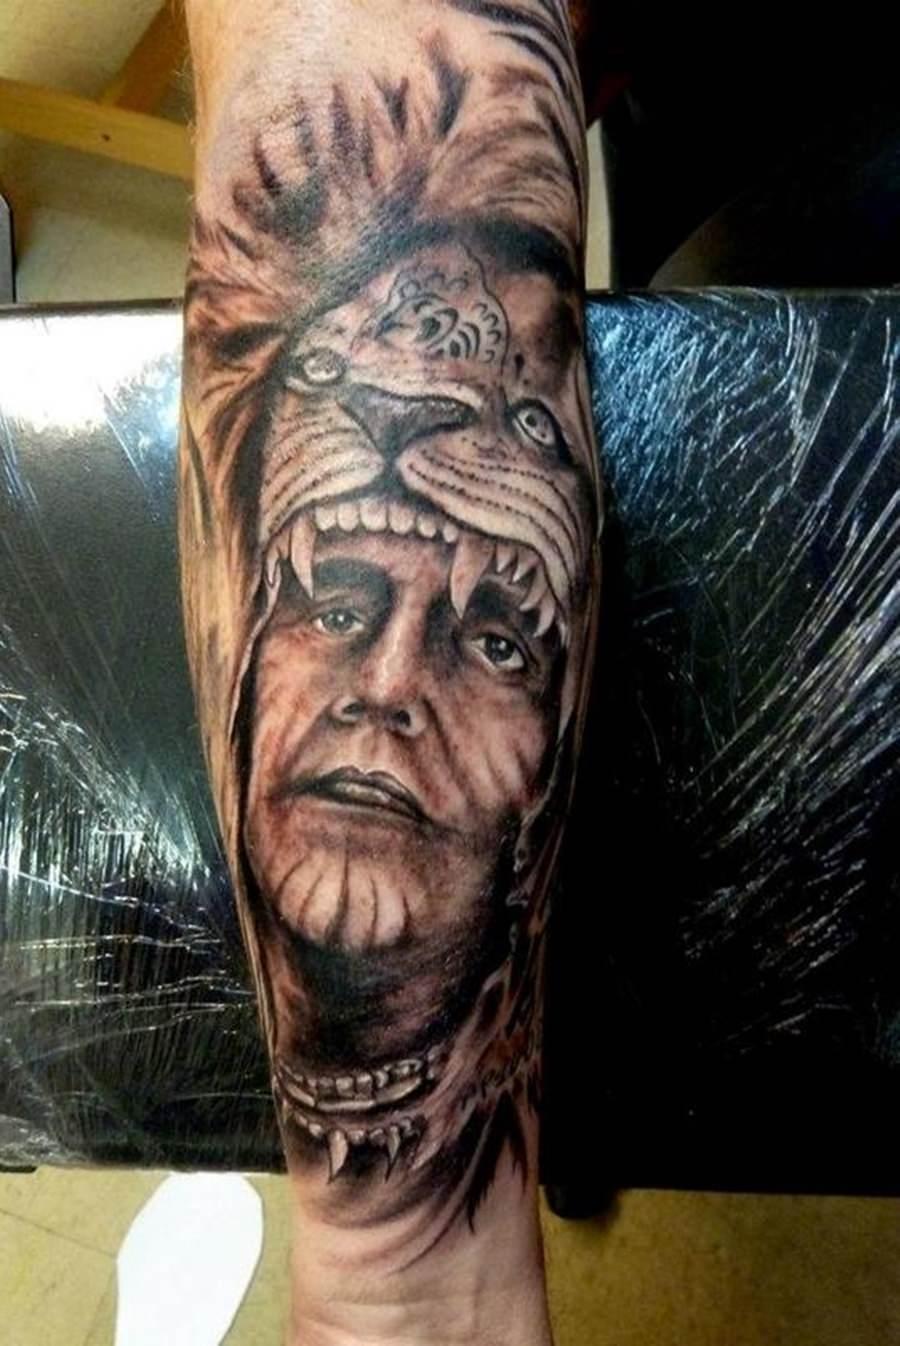 Tattoo de índio usando pele de animal